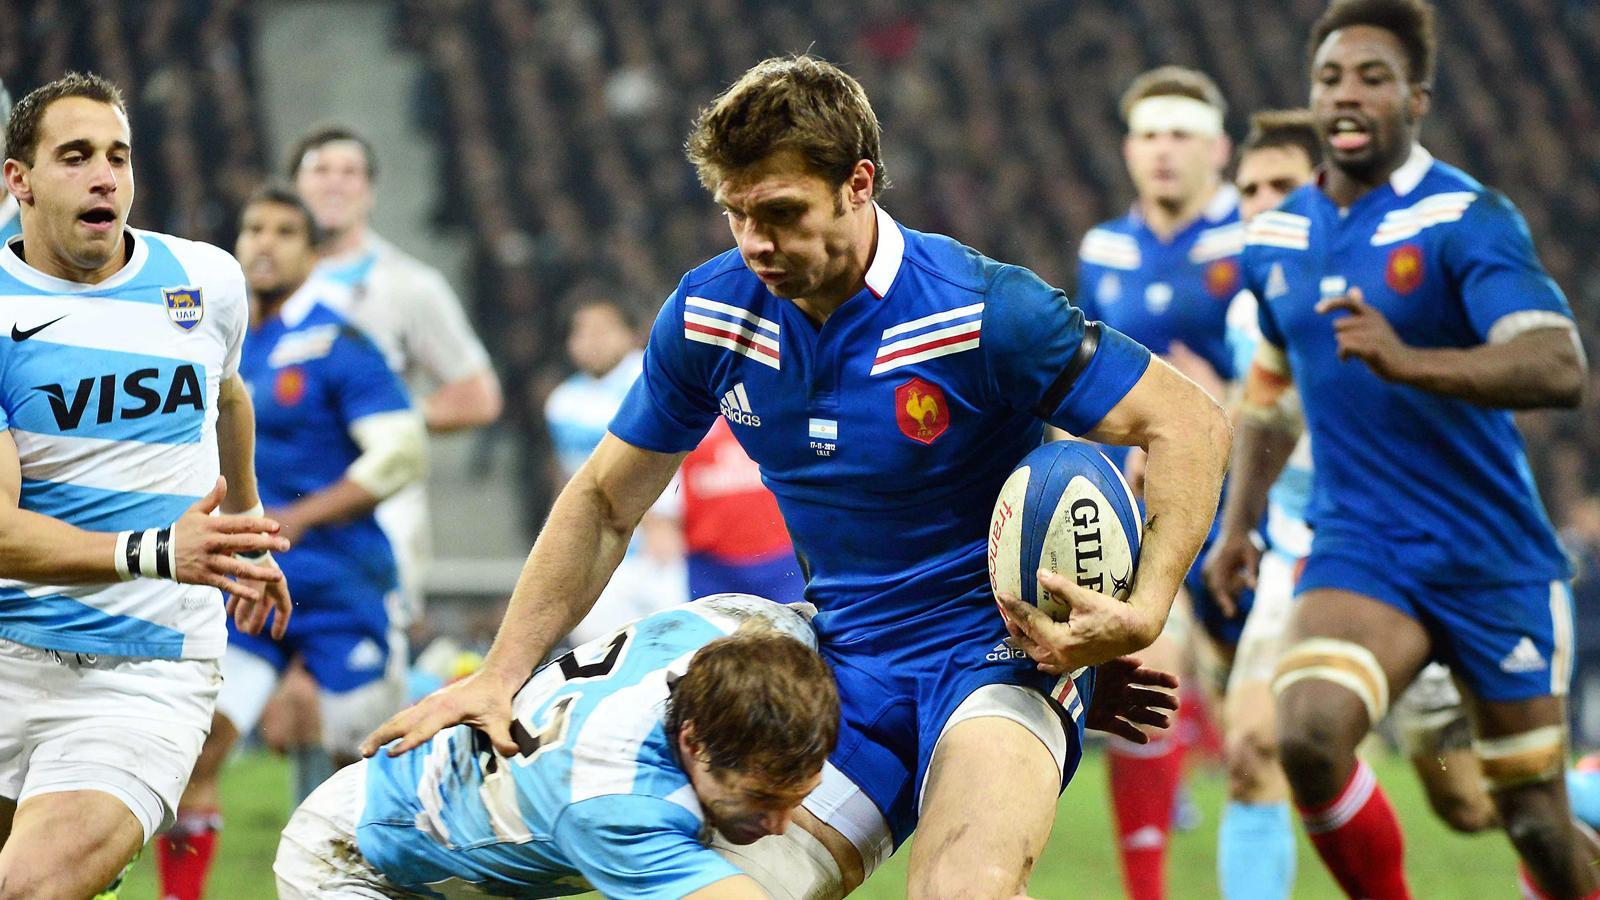 Mondial 2015 les fran ais restent sur leurs gardes coupe du monde 2011 rugby rugbyrama - Calendrier rugby 2015 coupe du monde ...